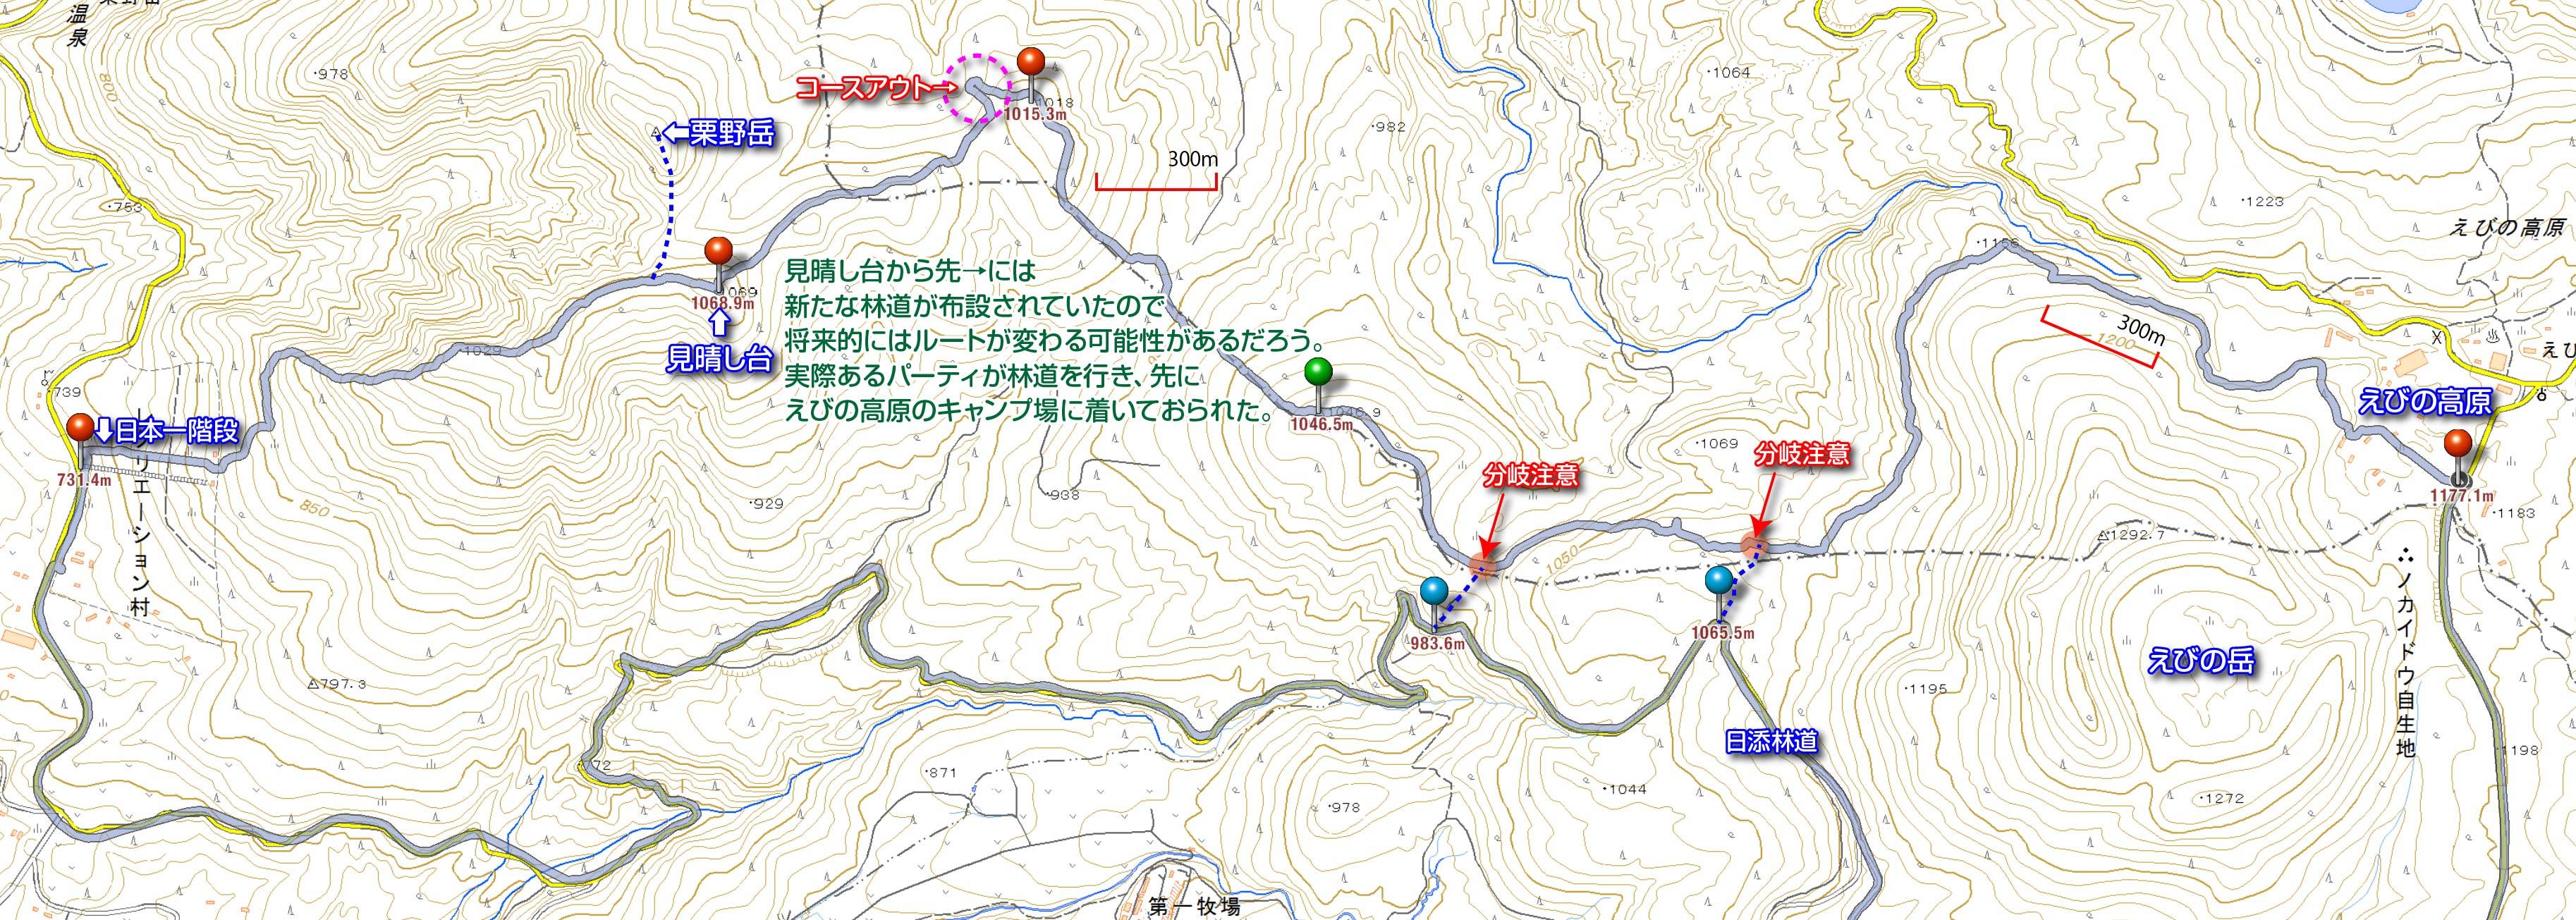 366_Map